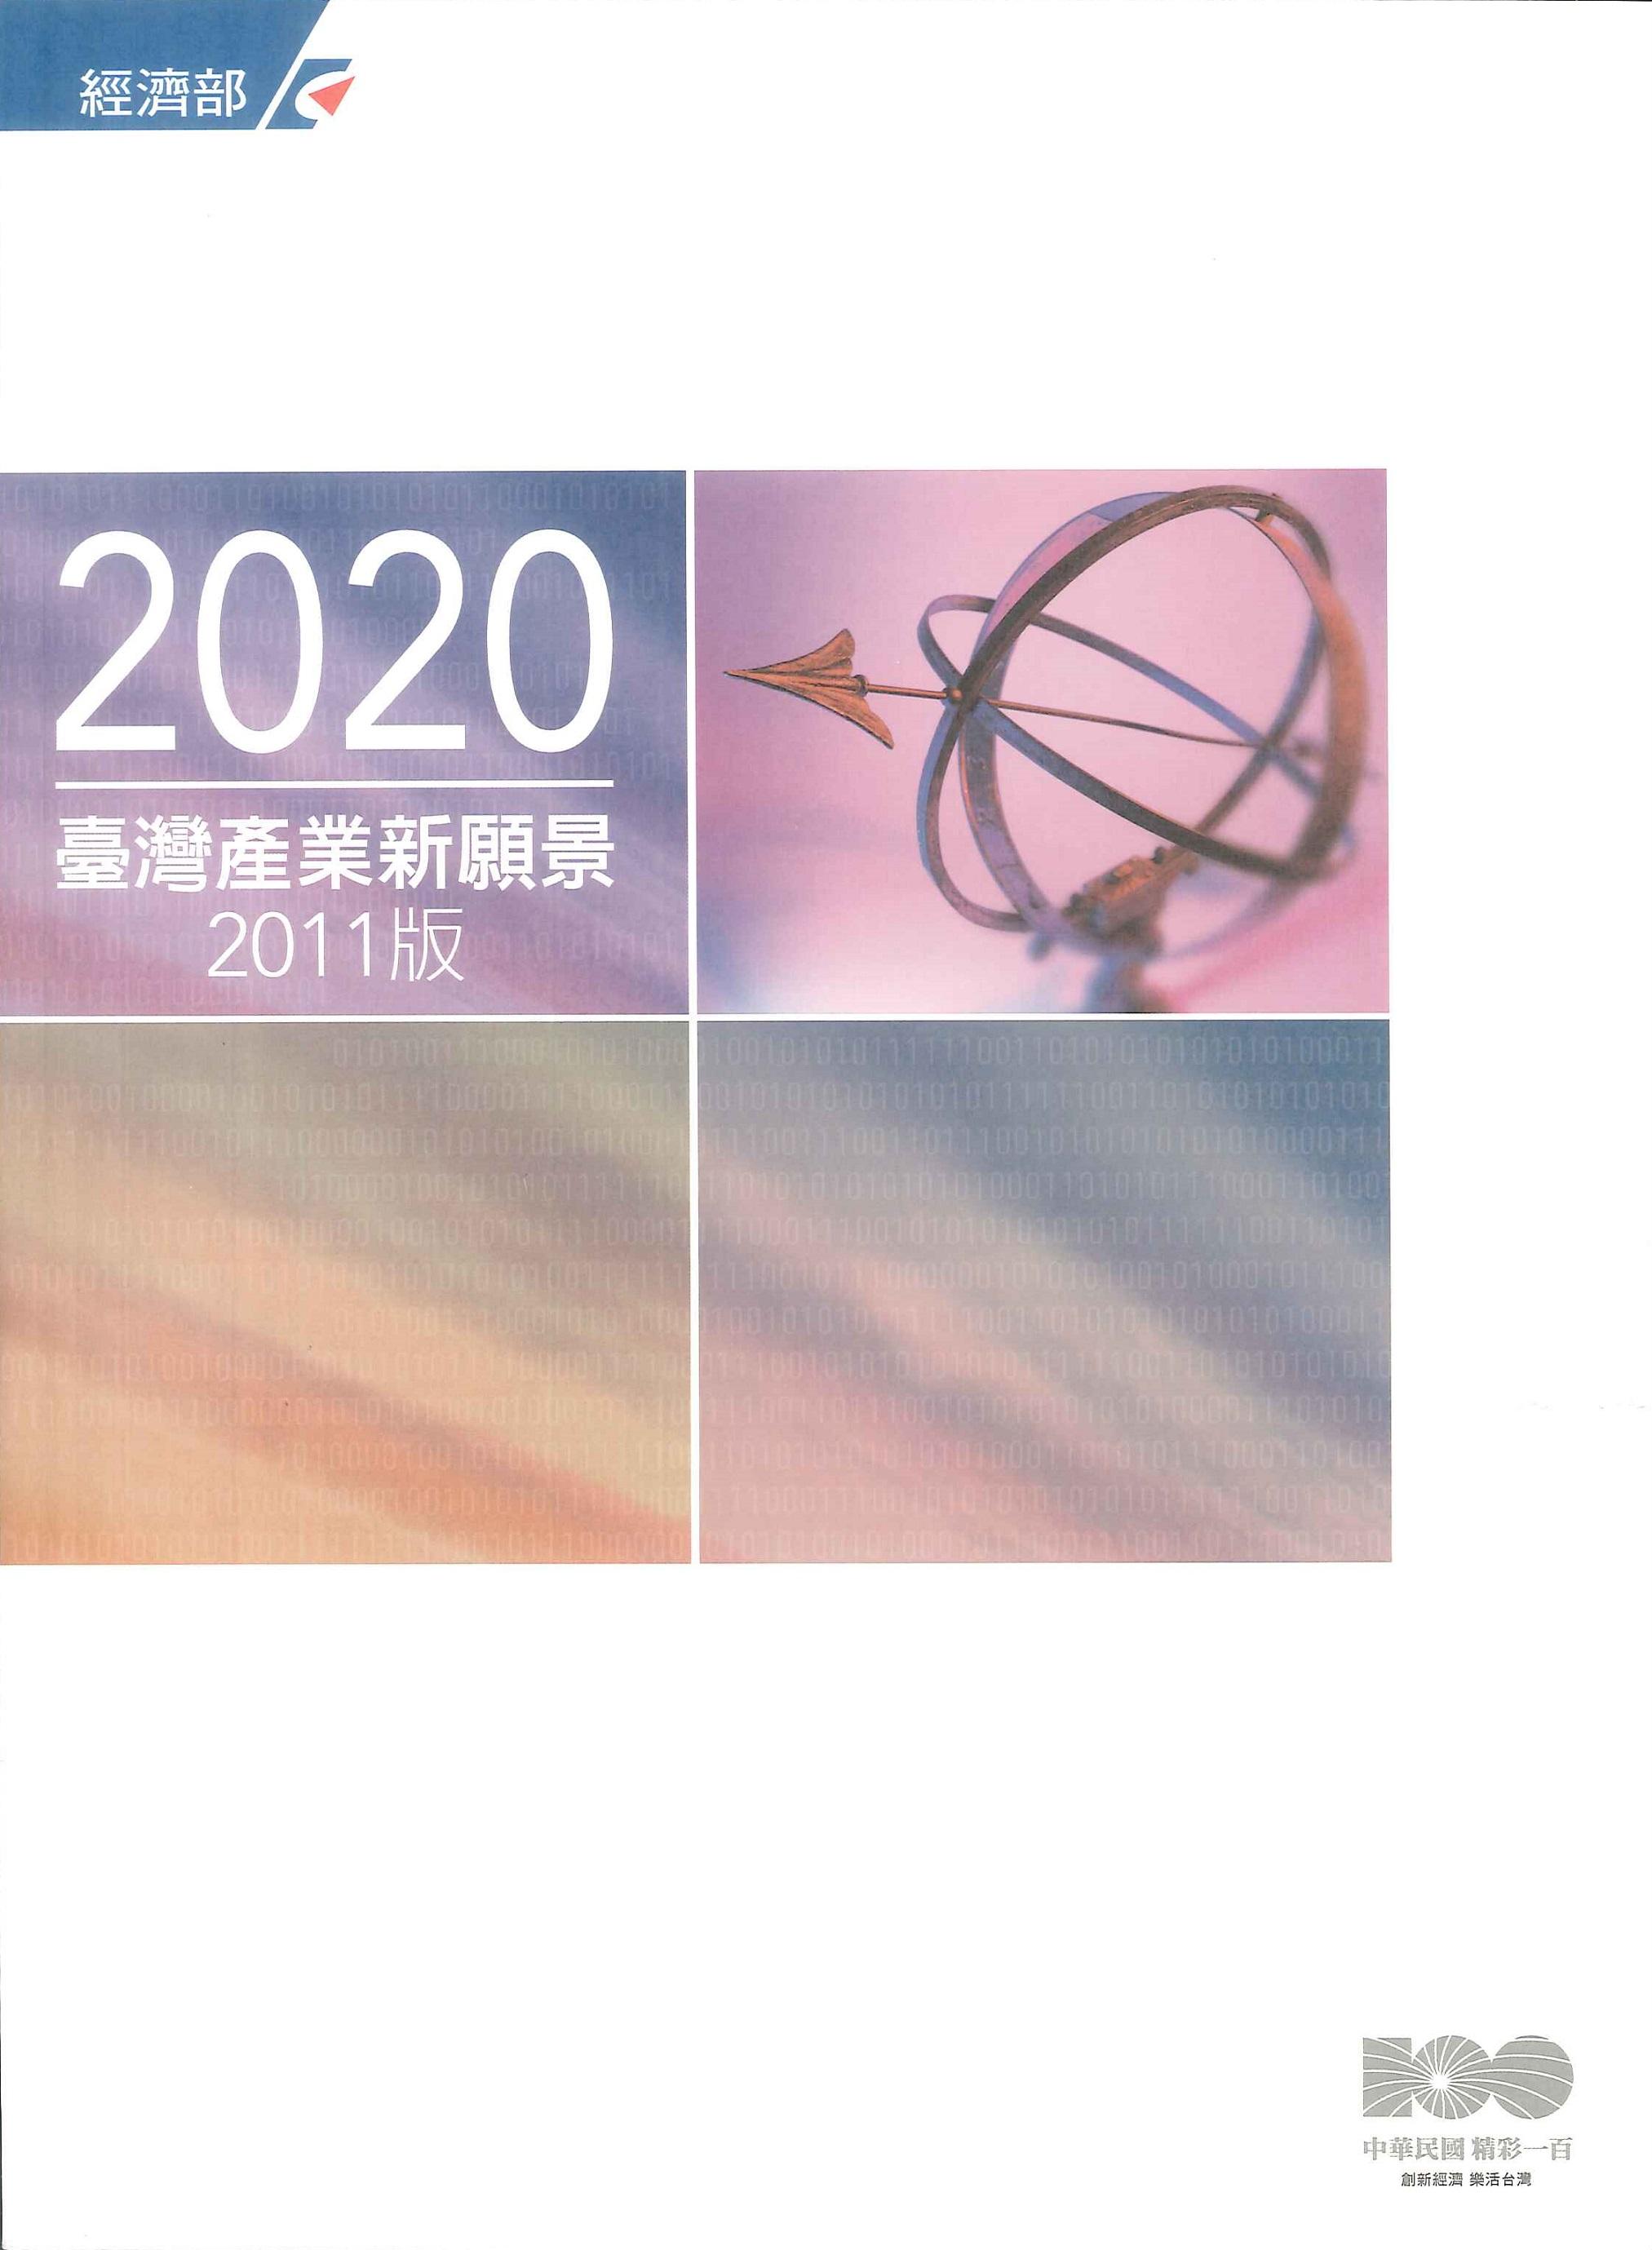 2020臺灣產業新願景